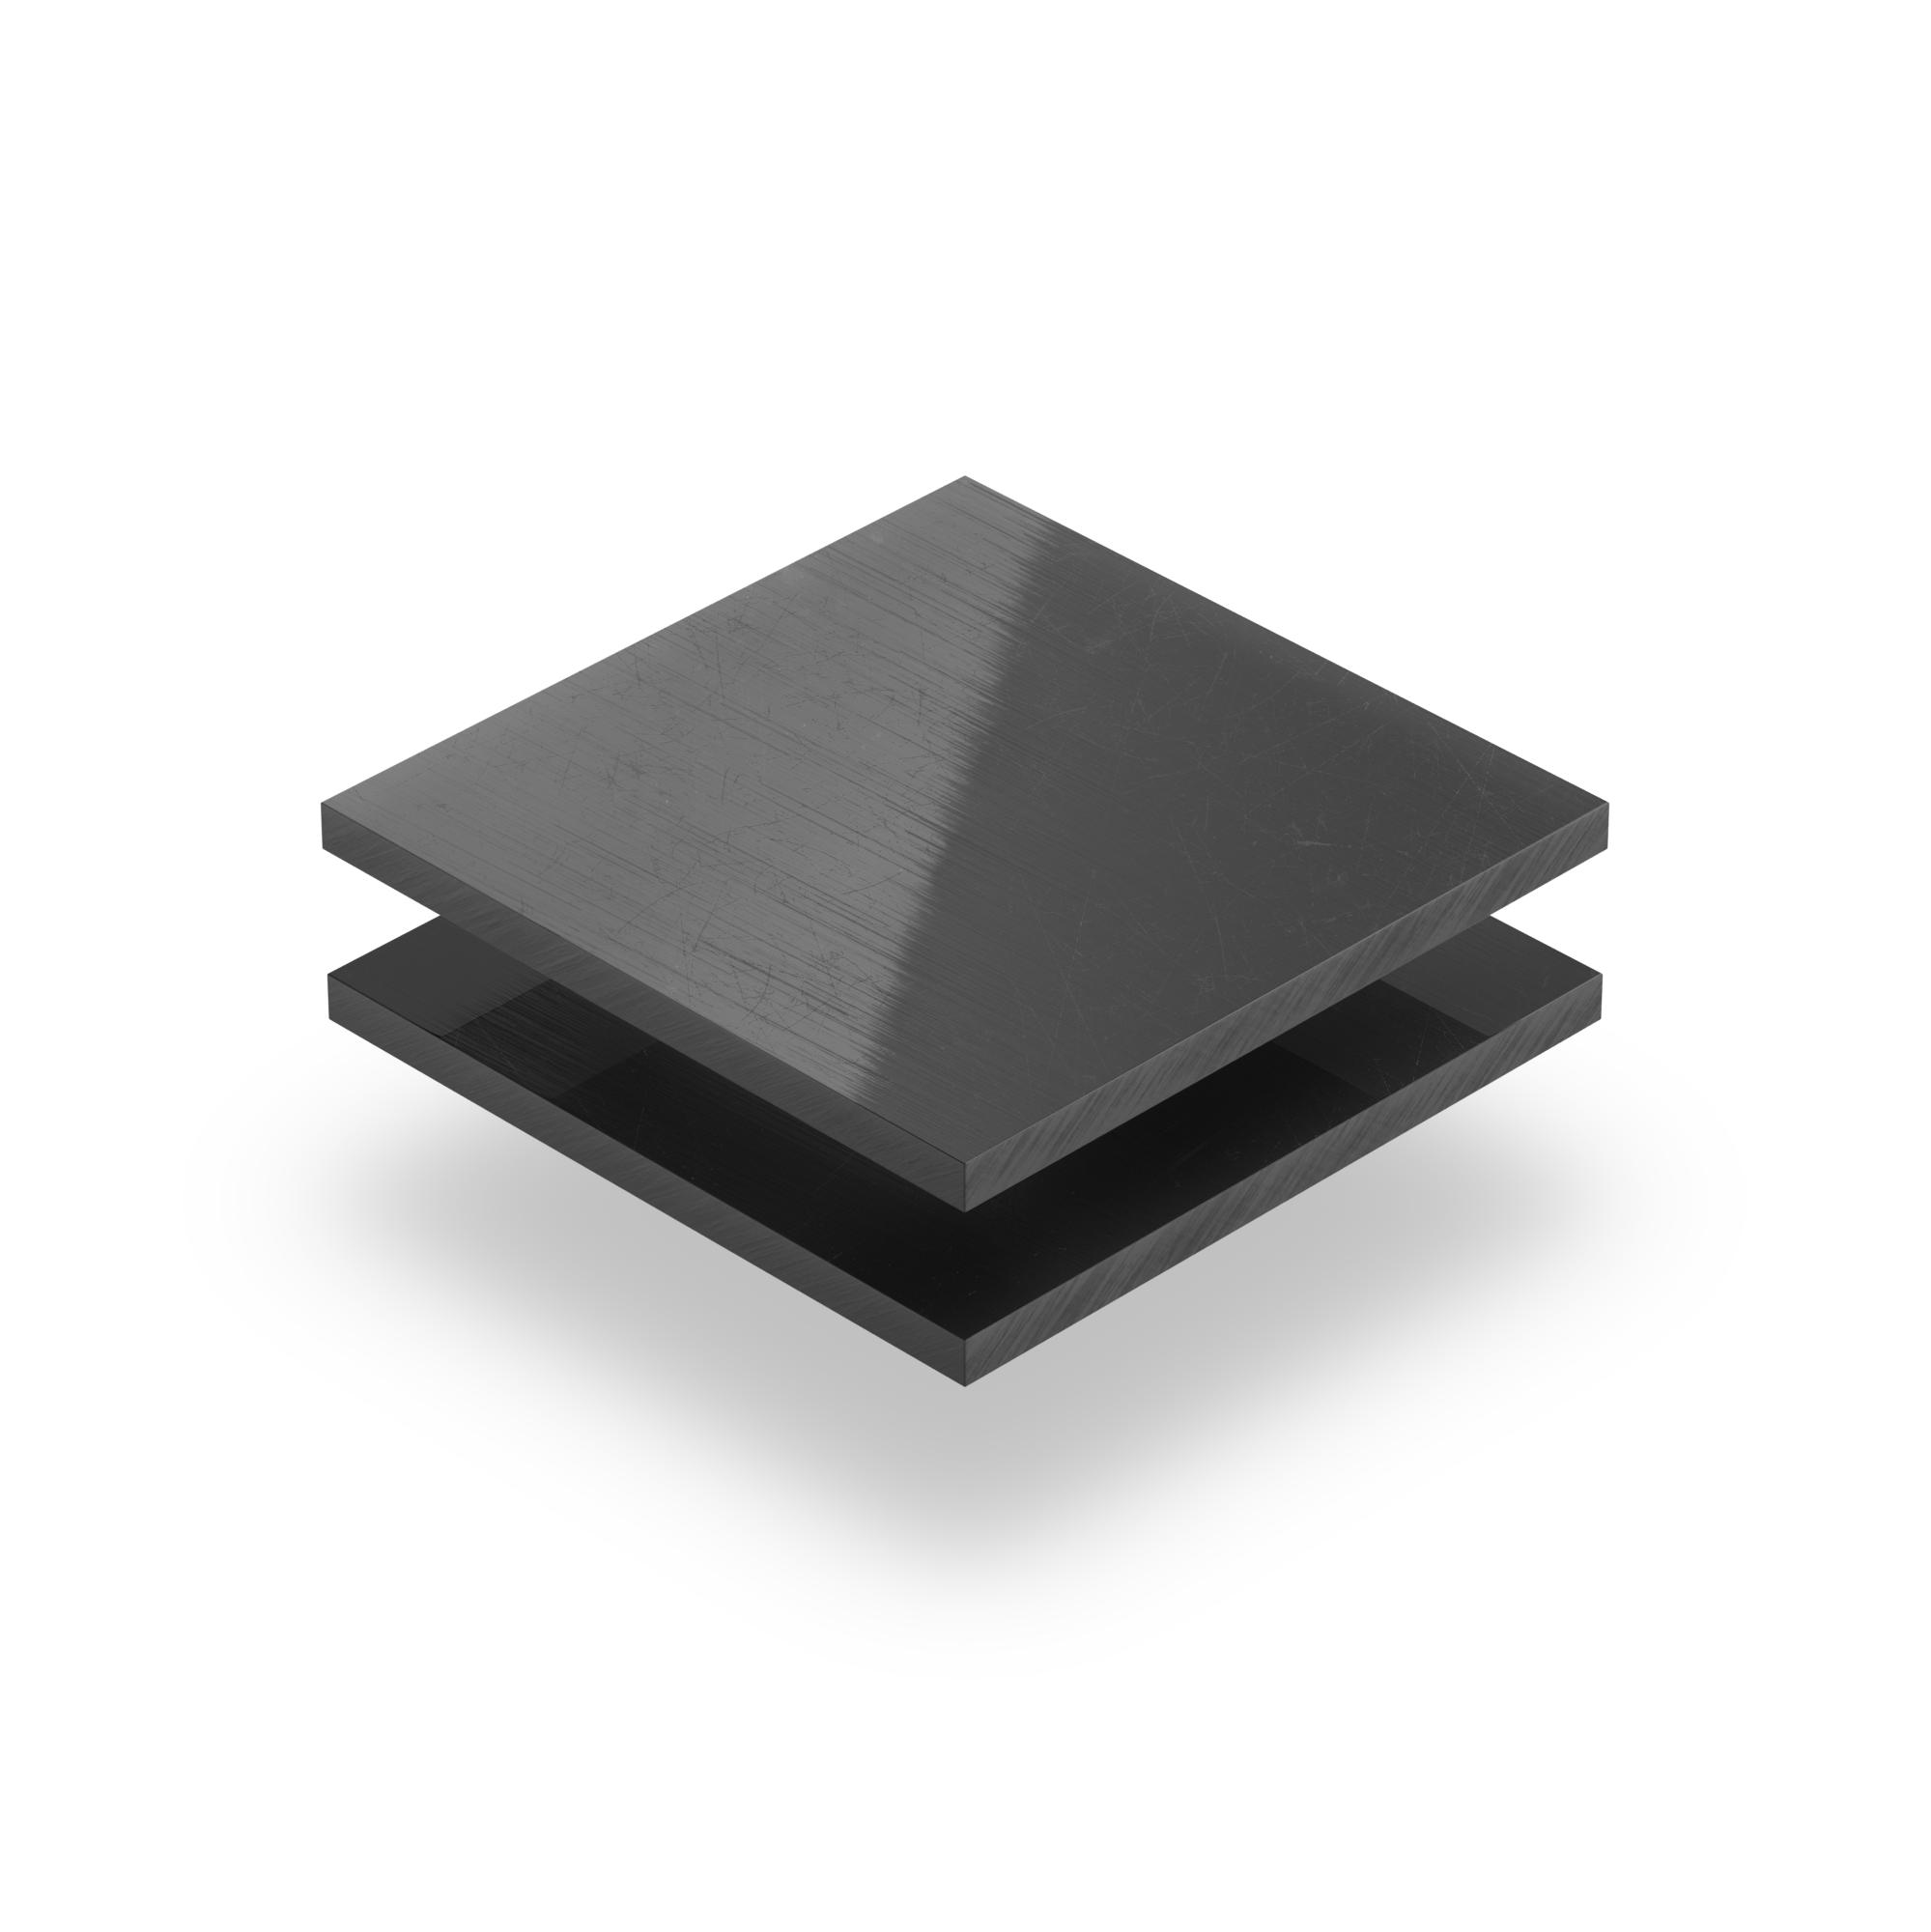 hart pvc platten dunkelgrau 8 mm zuschnitt nach ma. Black Bedroom Furniture Sets. Home Design Ideas